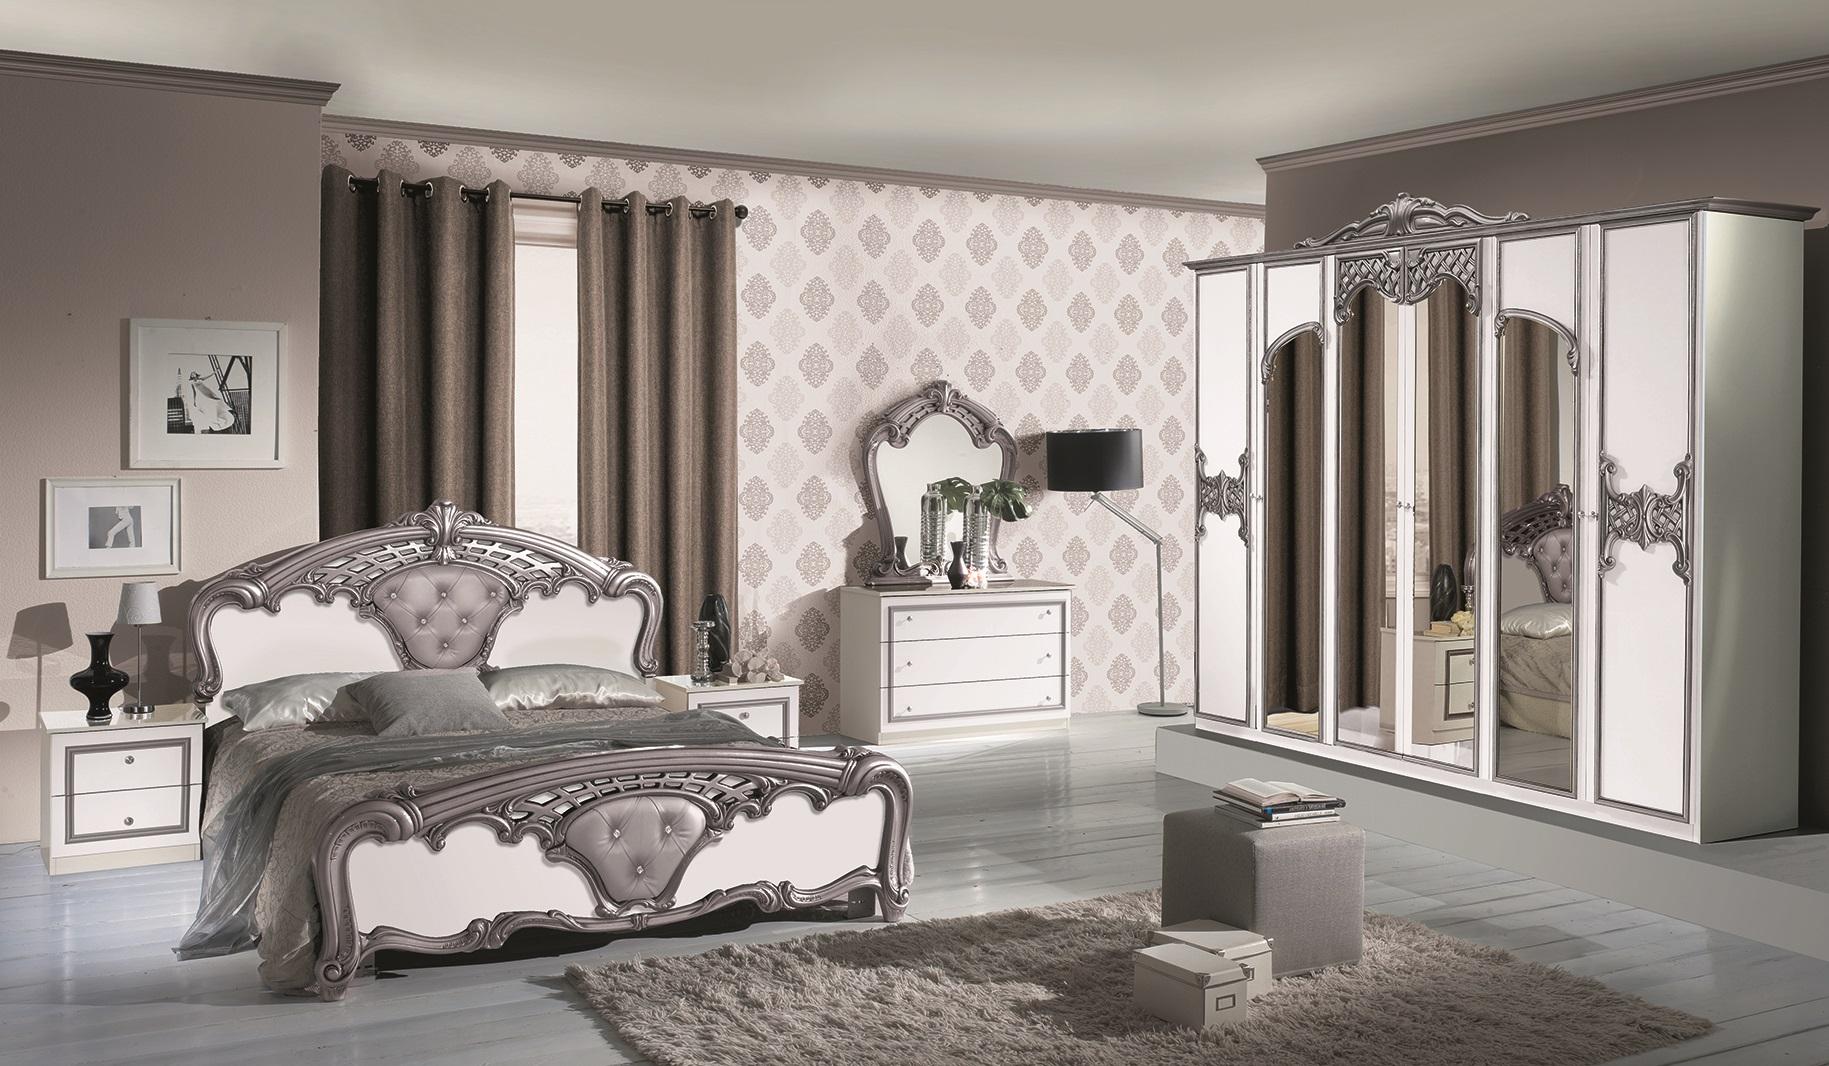 Schlafzimmer weiss silber for Italienische schlafzimmermobel hersteller